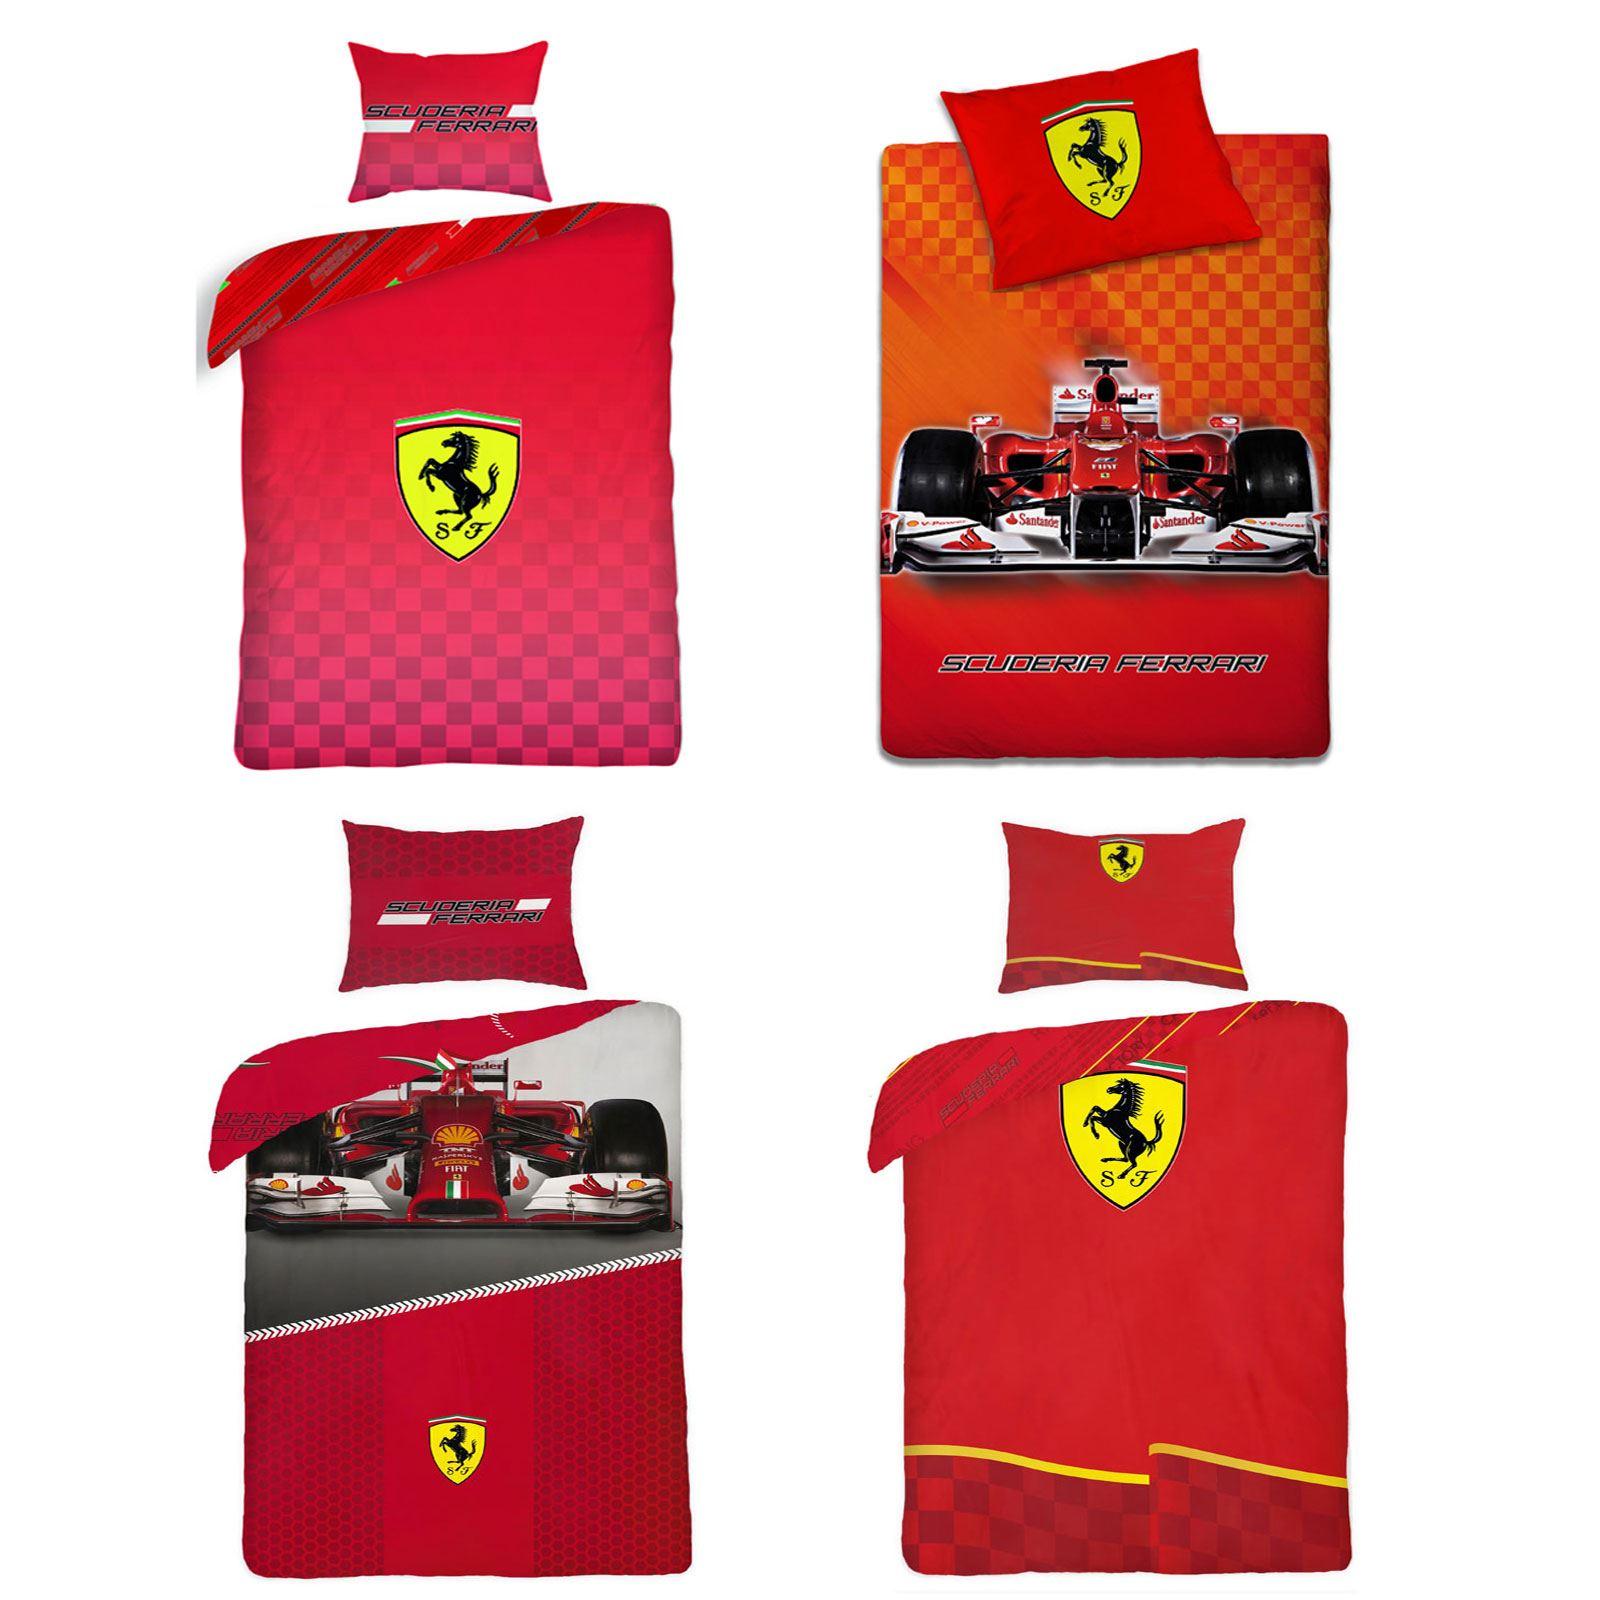 Ferrari Bedding Duvet Cover Sets